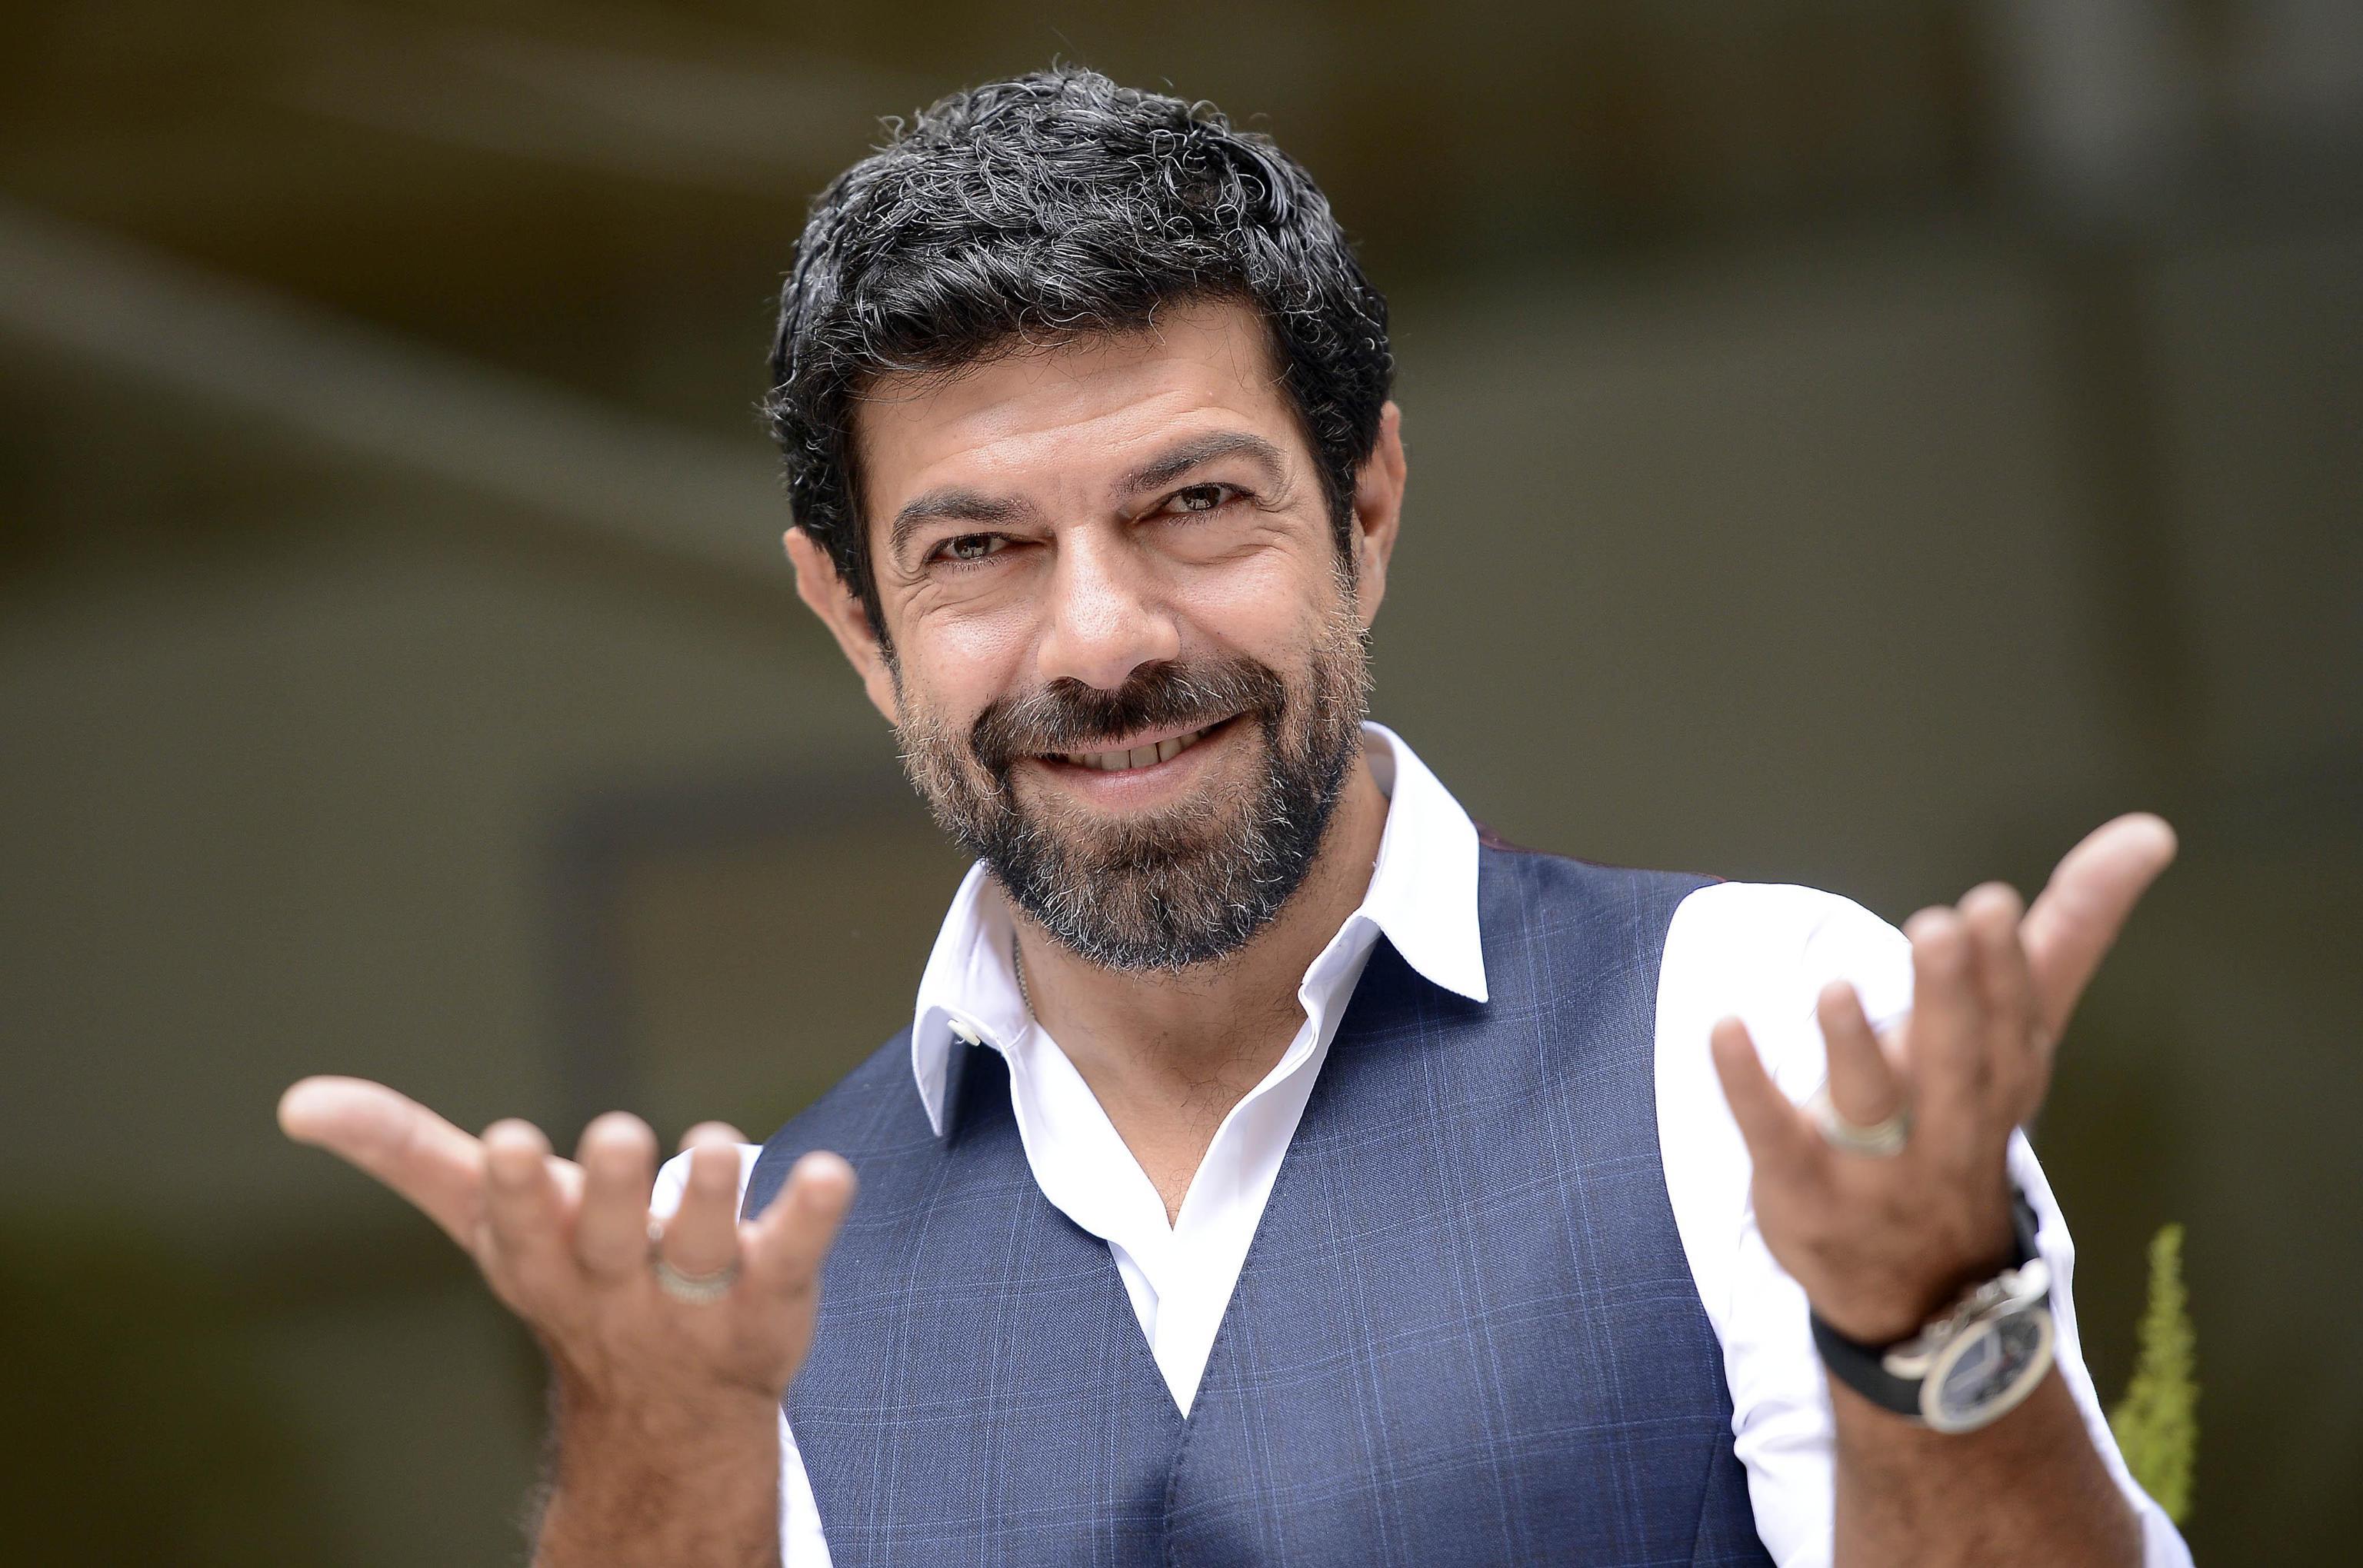 Pierfrancesco Favino: film, figli, moglie, altezza, tutte le curiosità sull'attore